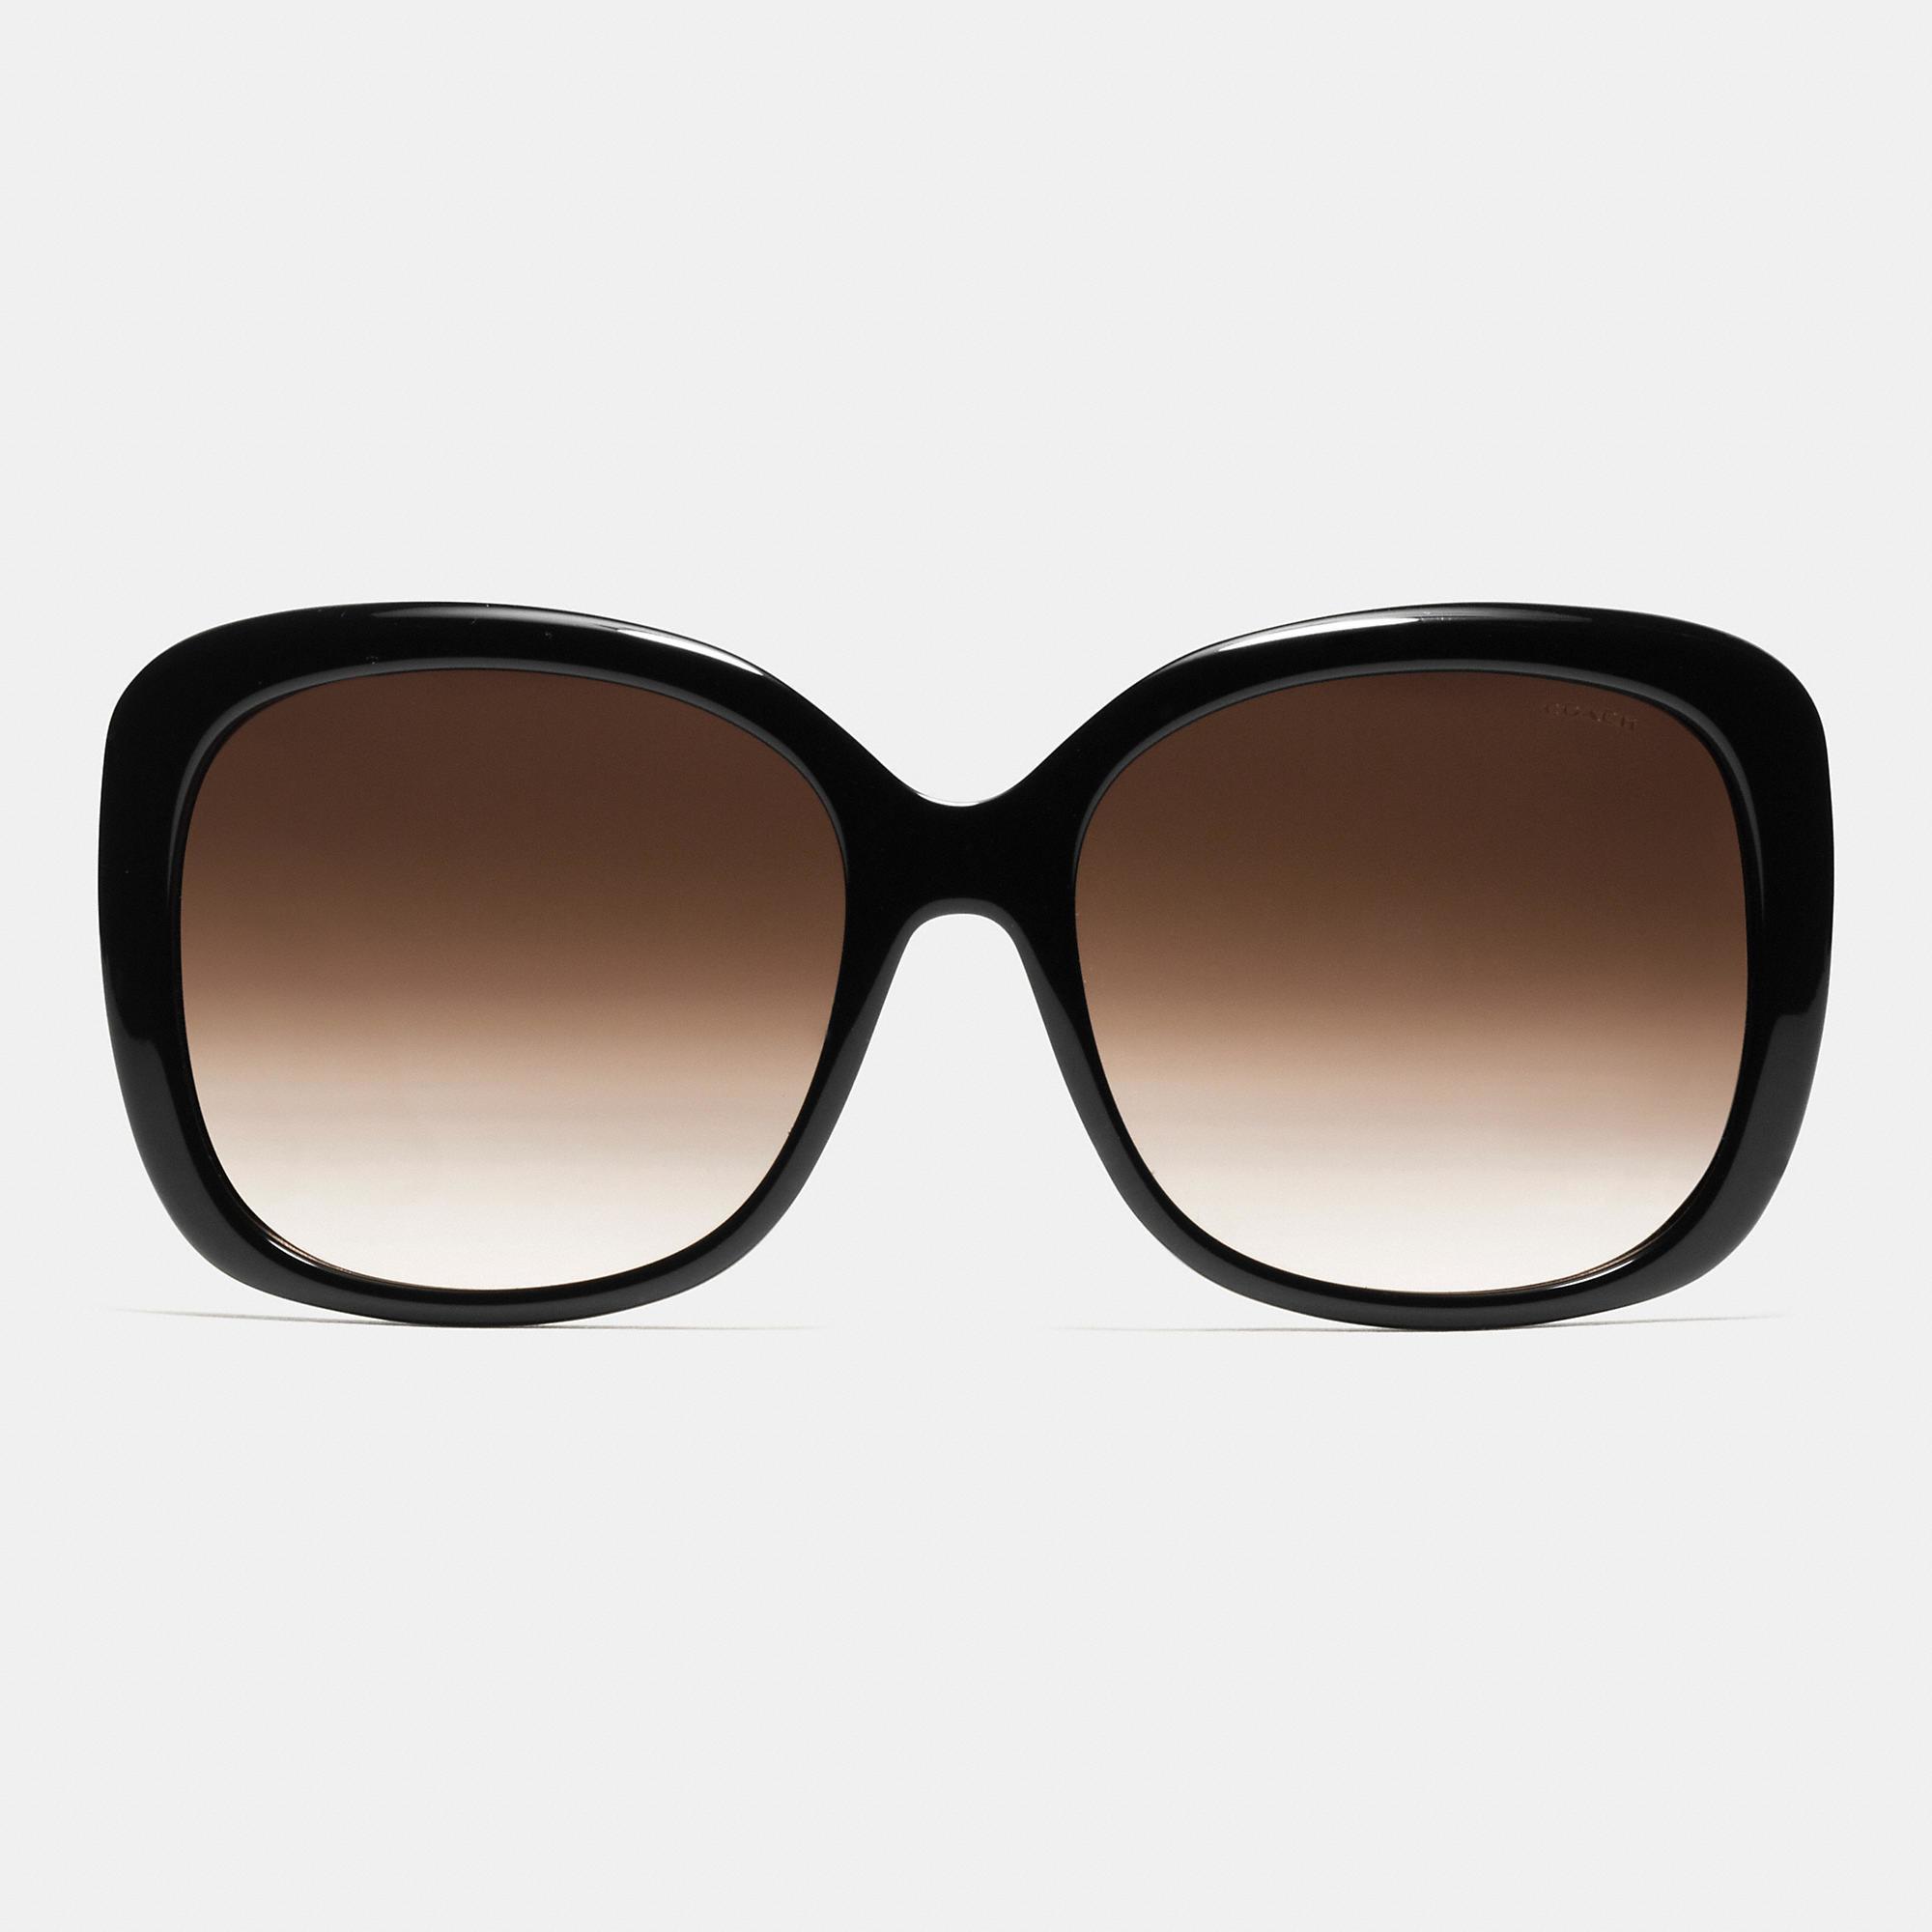 8aa22f206ada ... czech lyst coach horse and carriage square sunglasses in black fce20  4ffe5